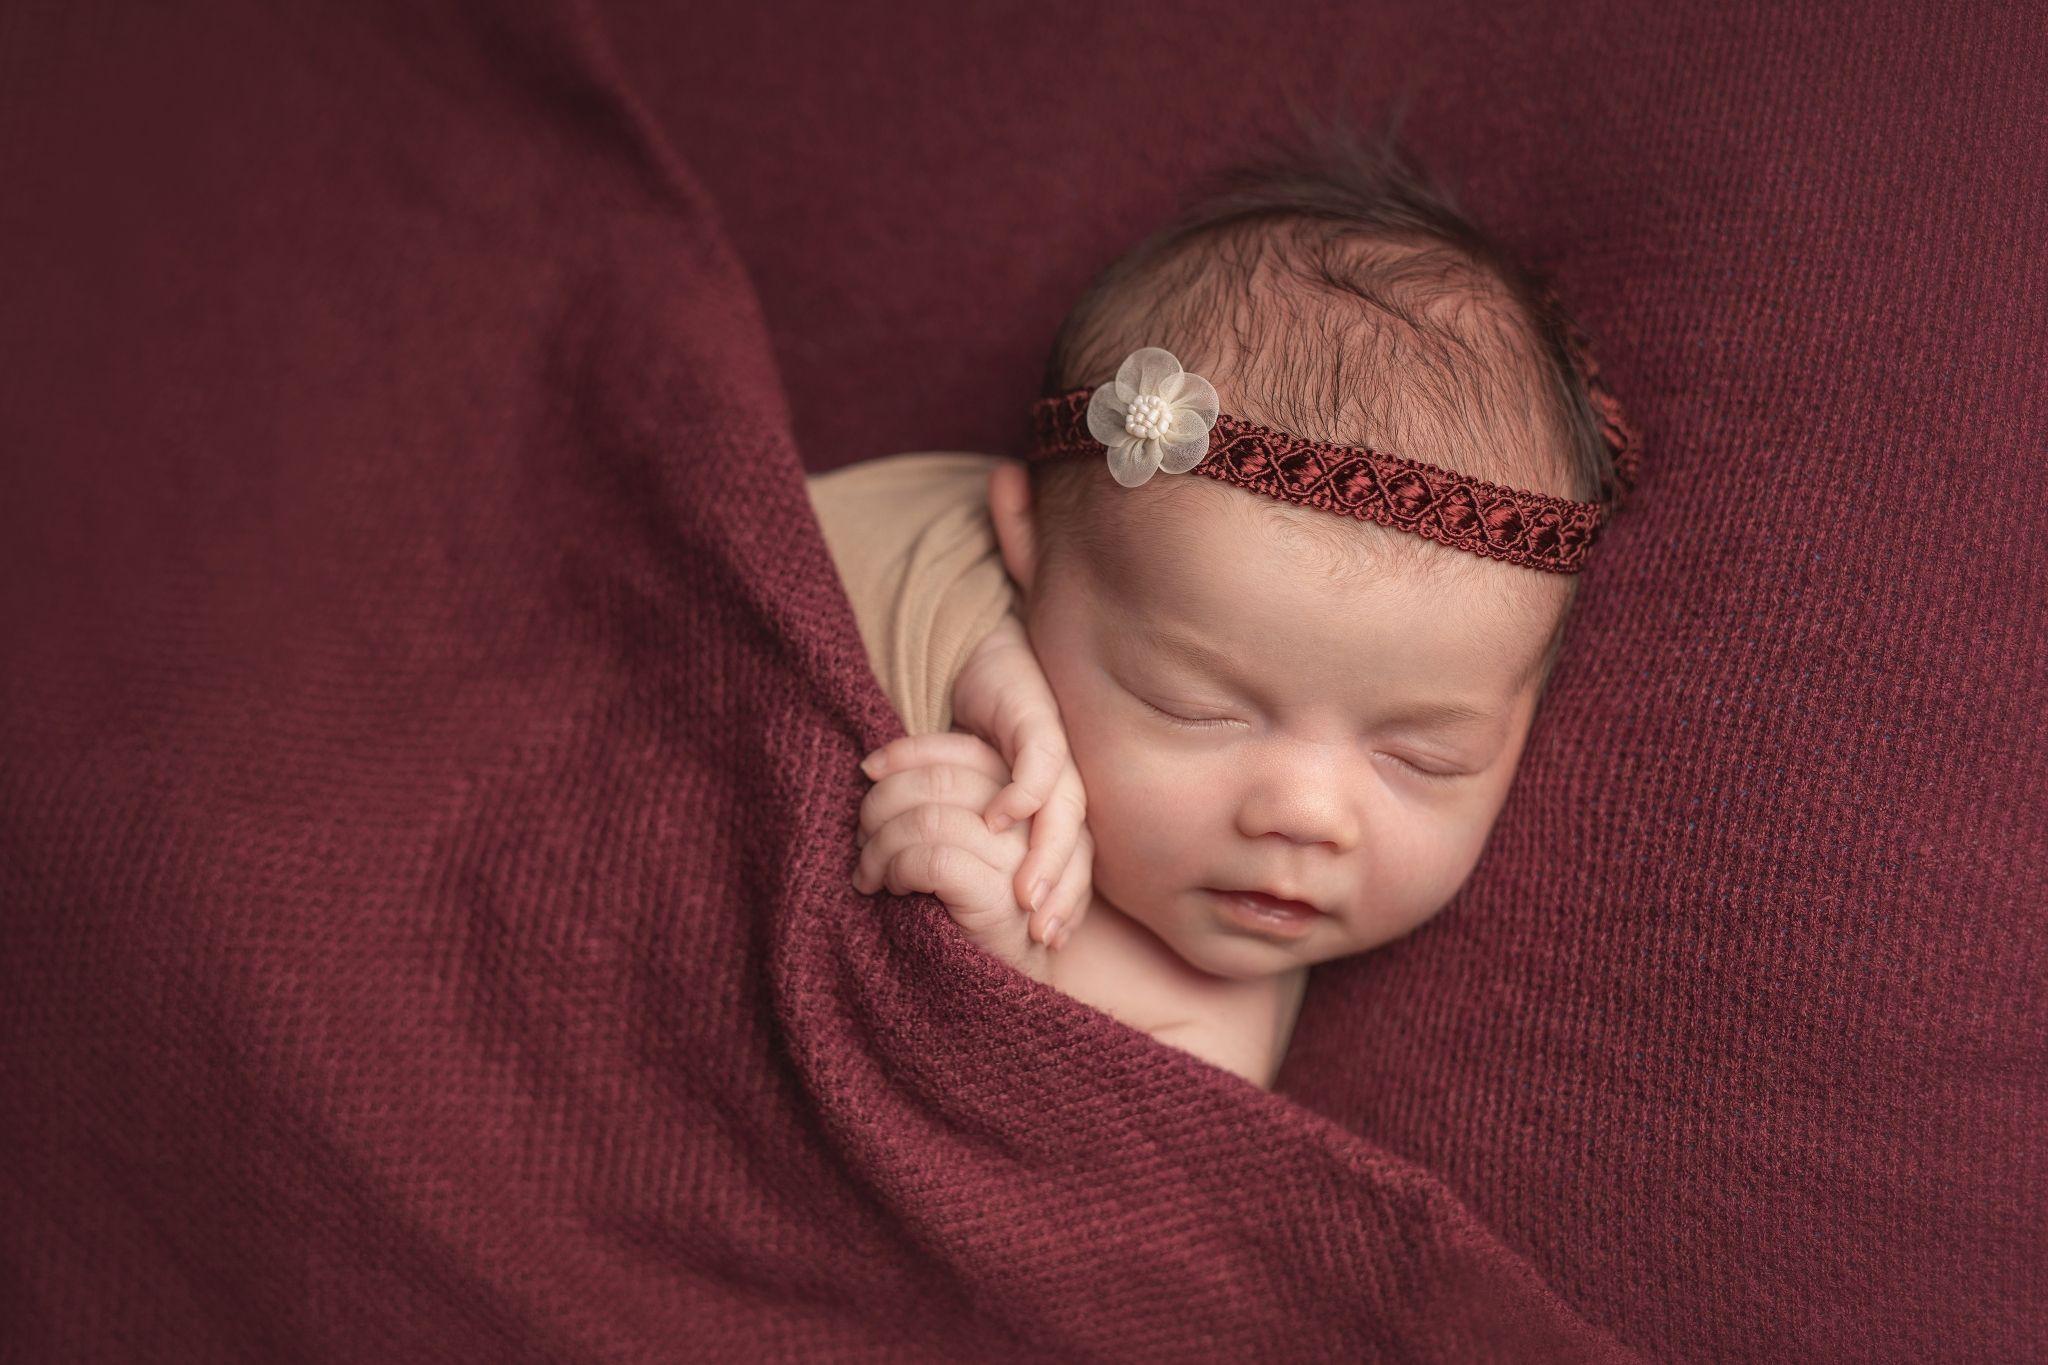 photo artistique nouveau-né bébé drap rouge fille lot-et-garonne marmande tonneins virazeil